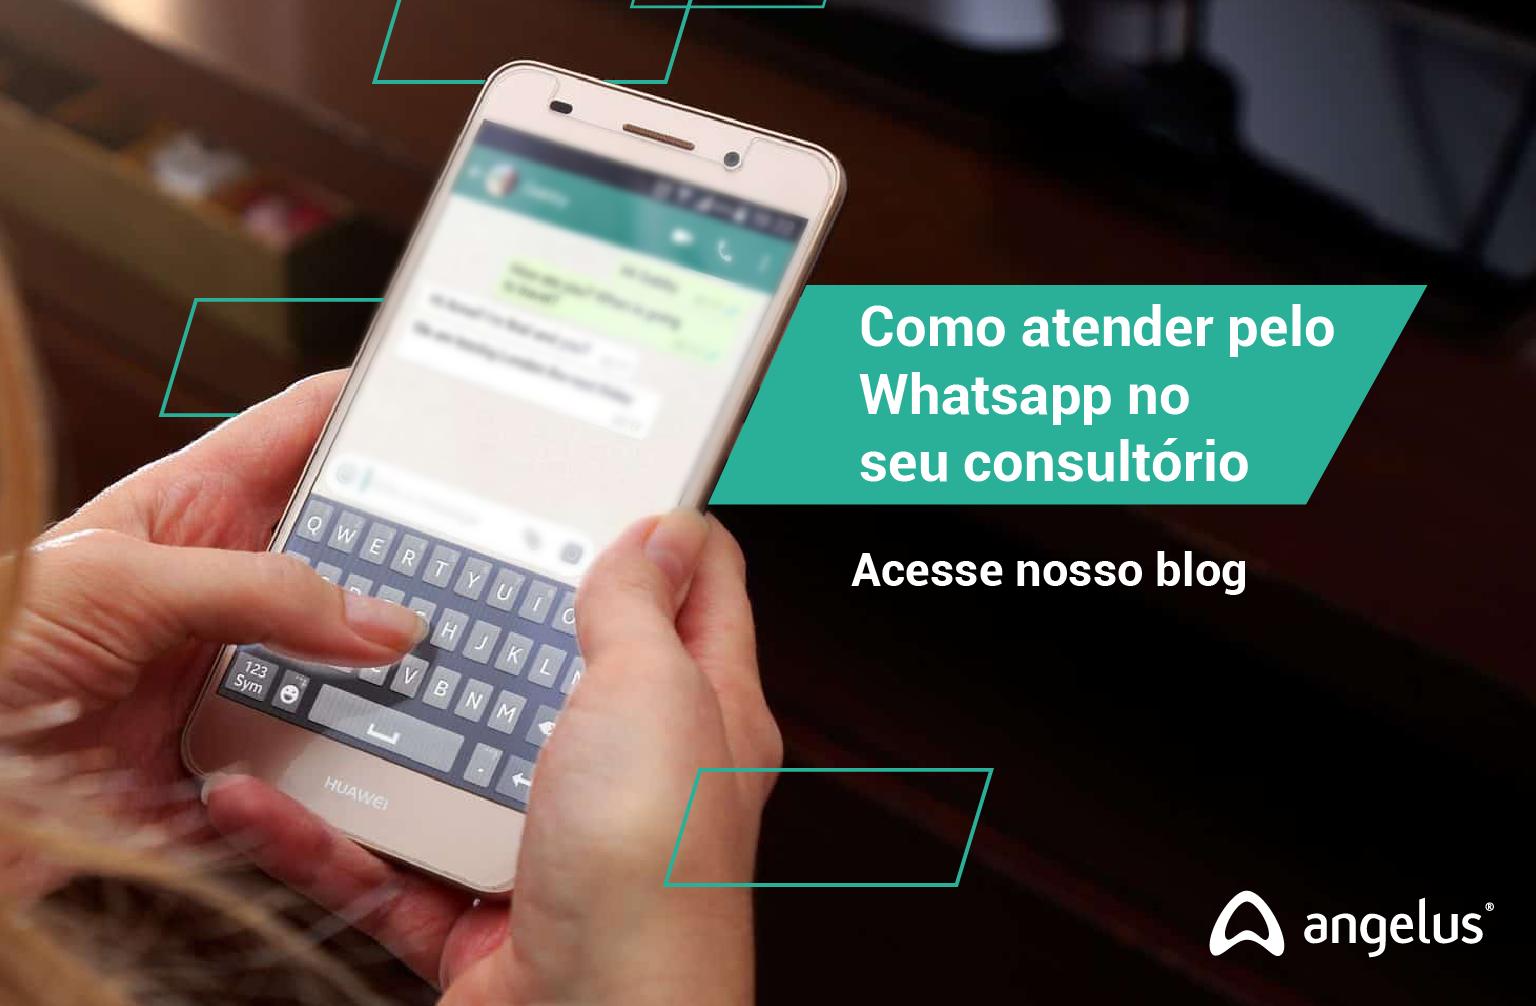 Artigo - Dicas de como atender pelo Whatsapp no consultório